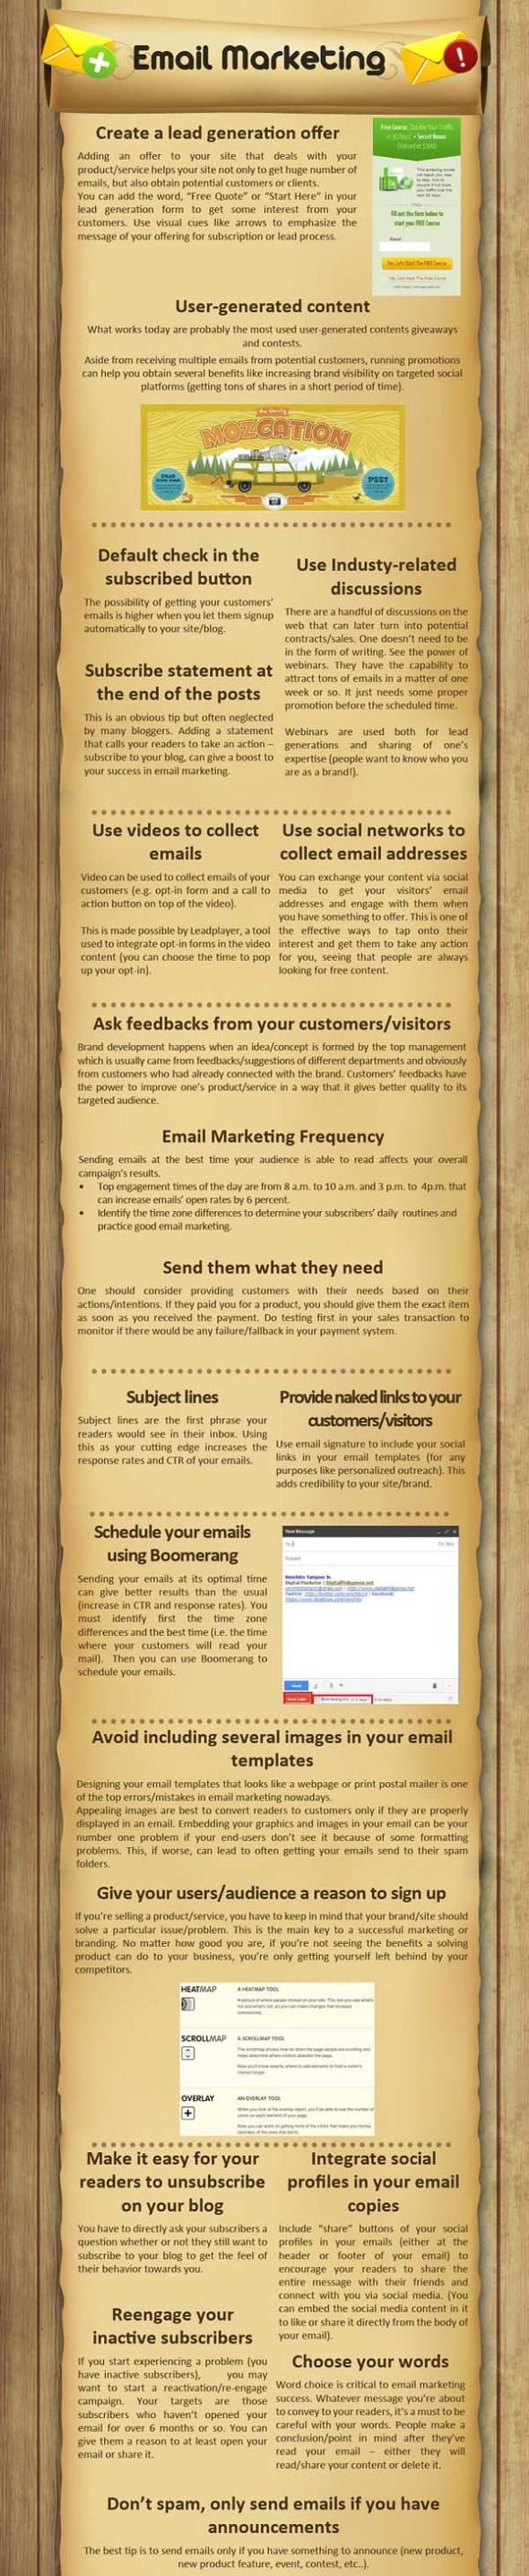 Blog Marketing - Email Marketing